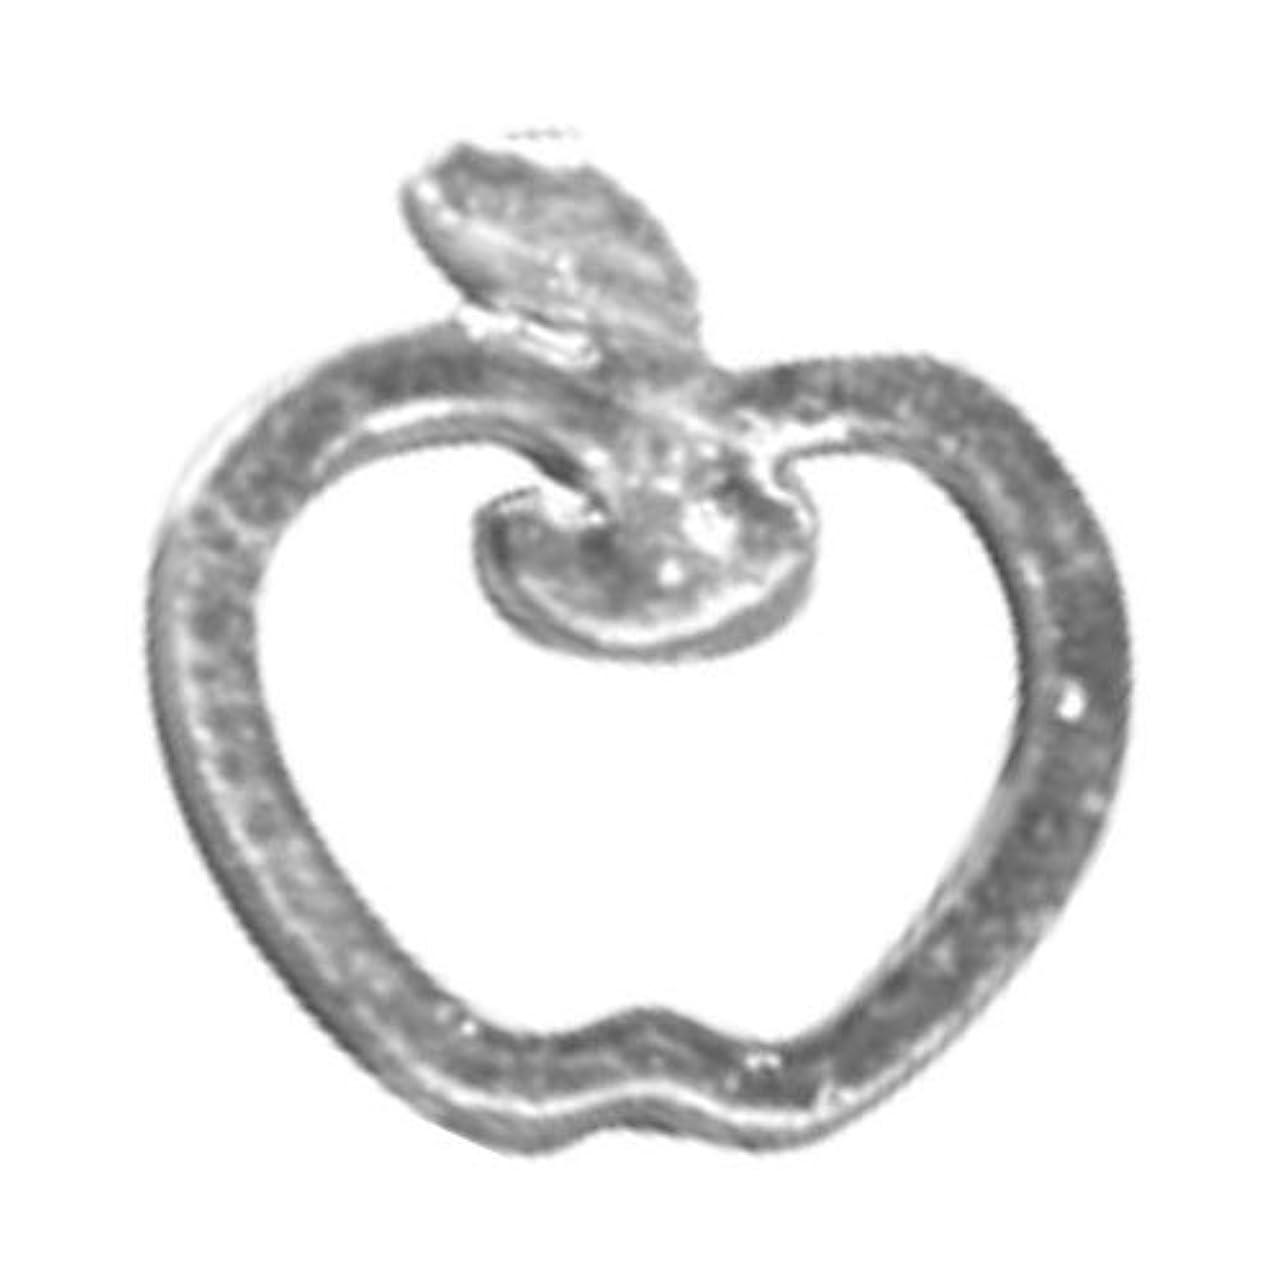 アンデス山脈配送買収リトルプリティー ネイルアートパーツ リンゴ SS シルバー 10個